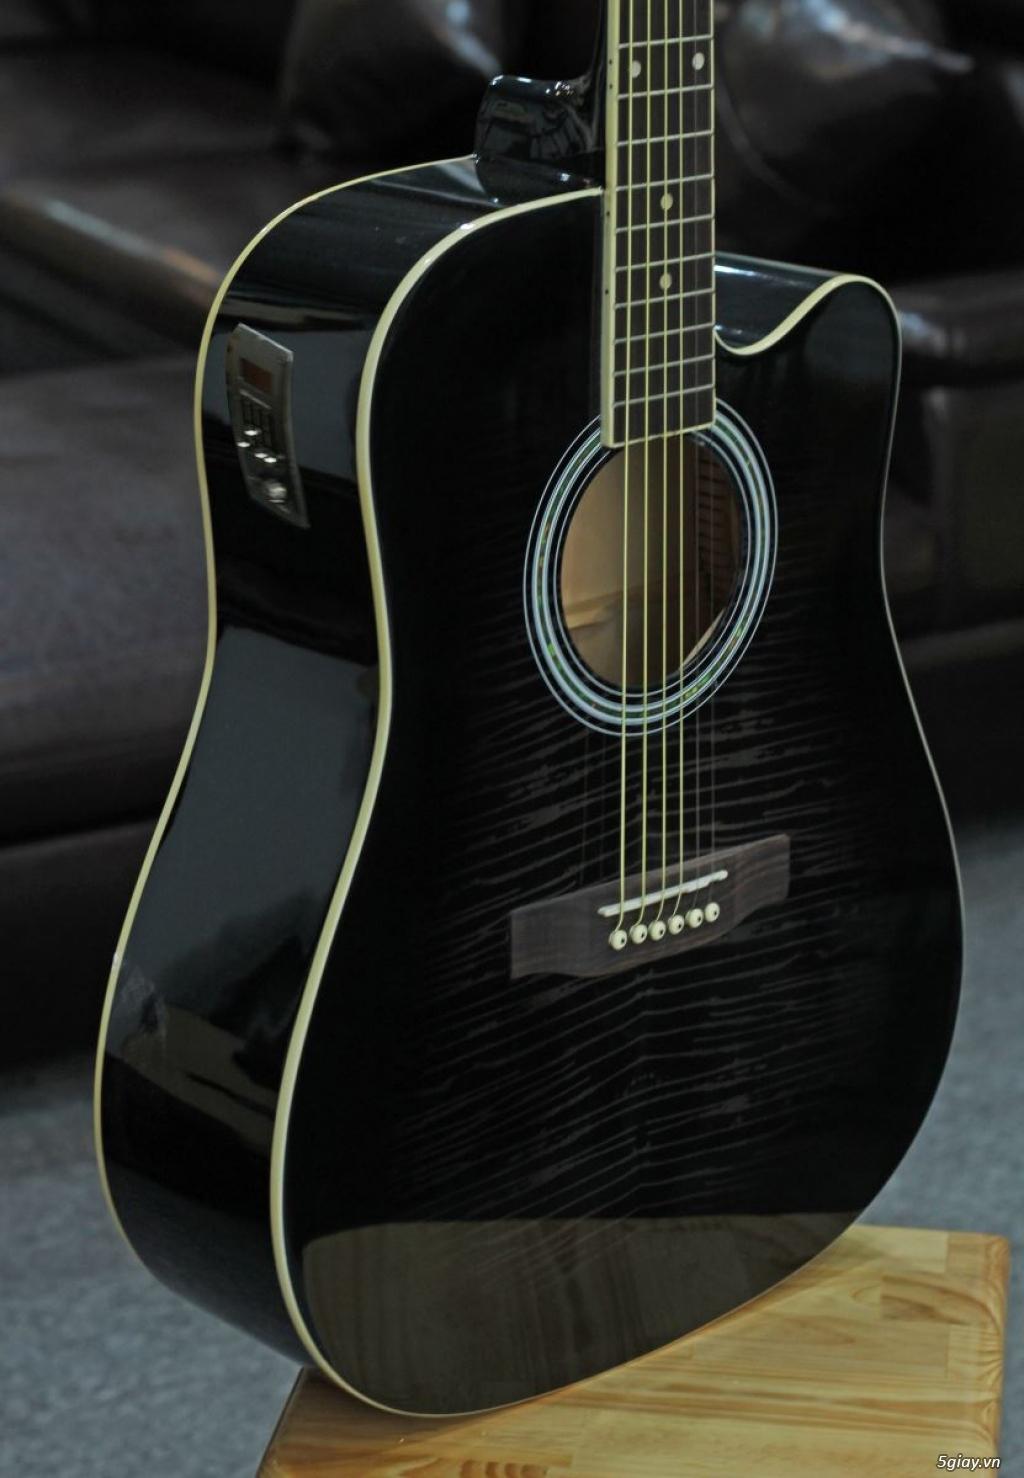 HCM - Nhận sửa chữa đàn guitar giá siêu rẻ  20191005_d96a91588949fc13637026c30c762e4e_1570255276